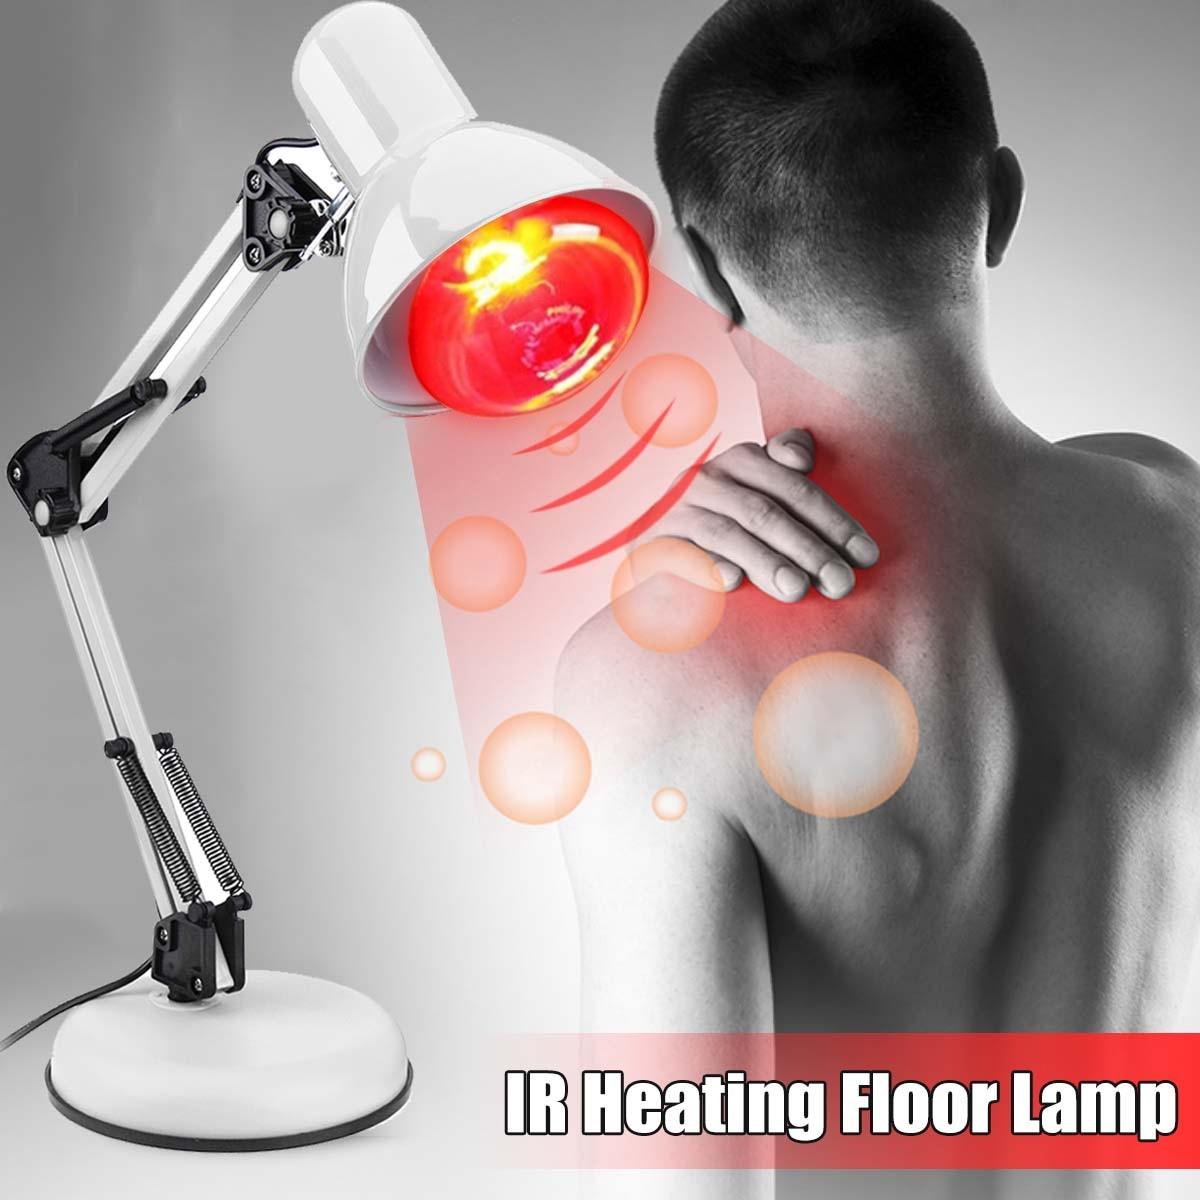 Soporte de suelo masaje TDP terapia infrarroja lámpara de calor salud alivio del dolor fisioterapia 100W cuidado de la salud luz infrarroja eléctrica